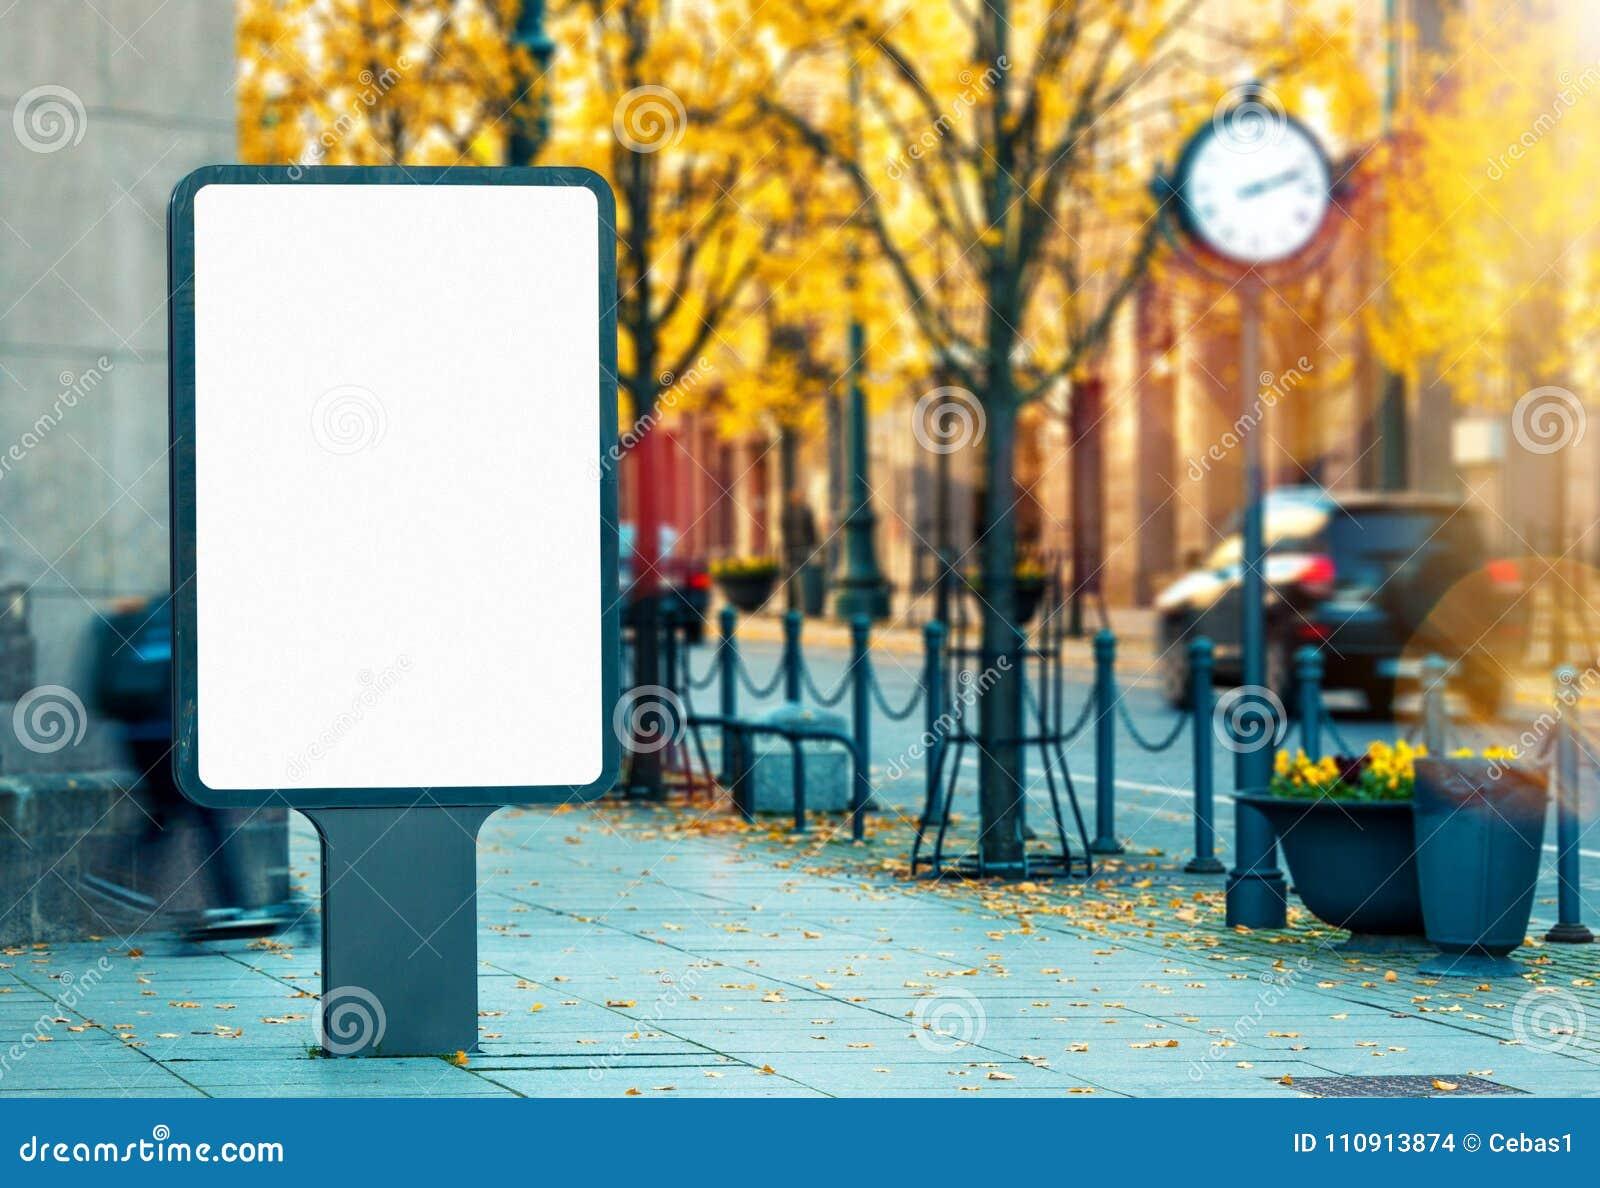 在城市街道上的空白的垂直的室外广告牌大模型